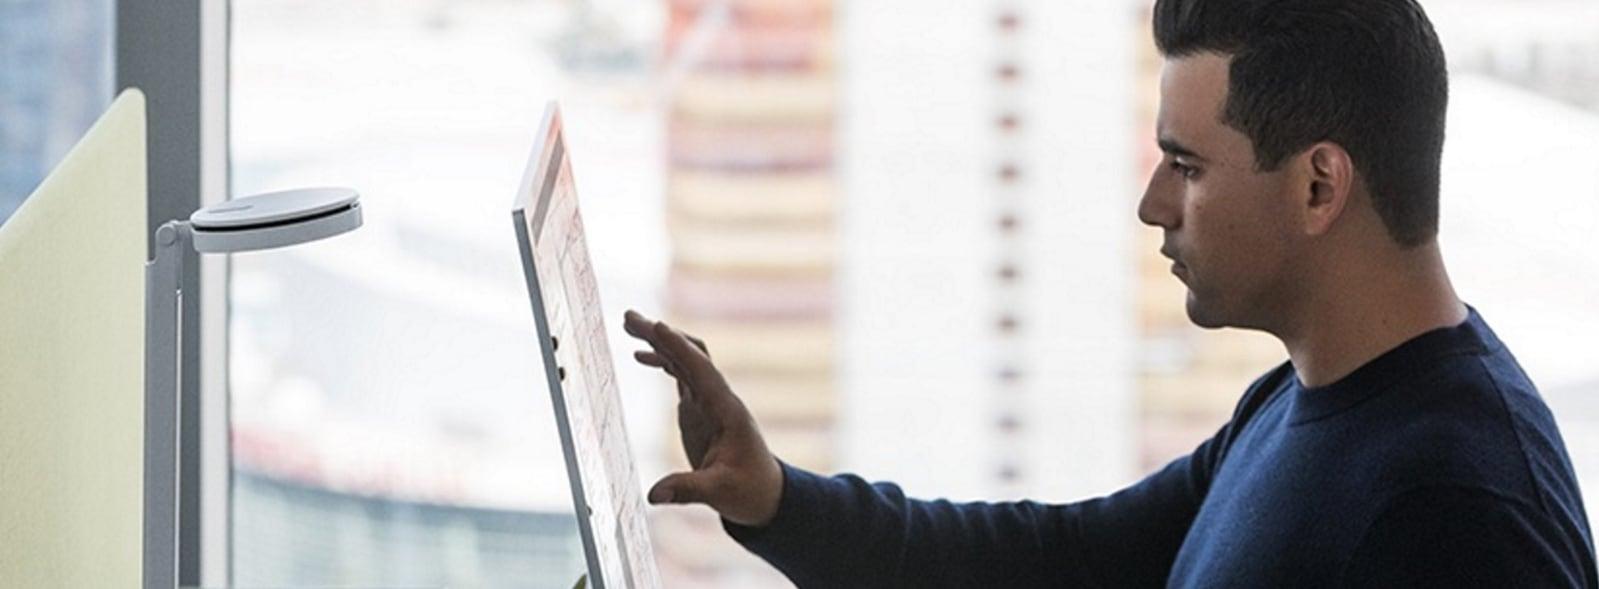 Man touching computer screen.